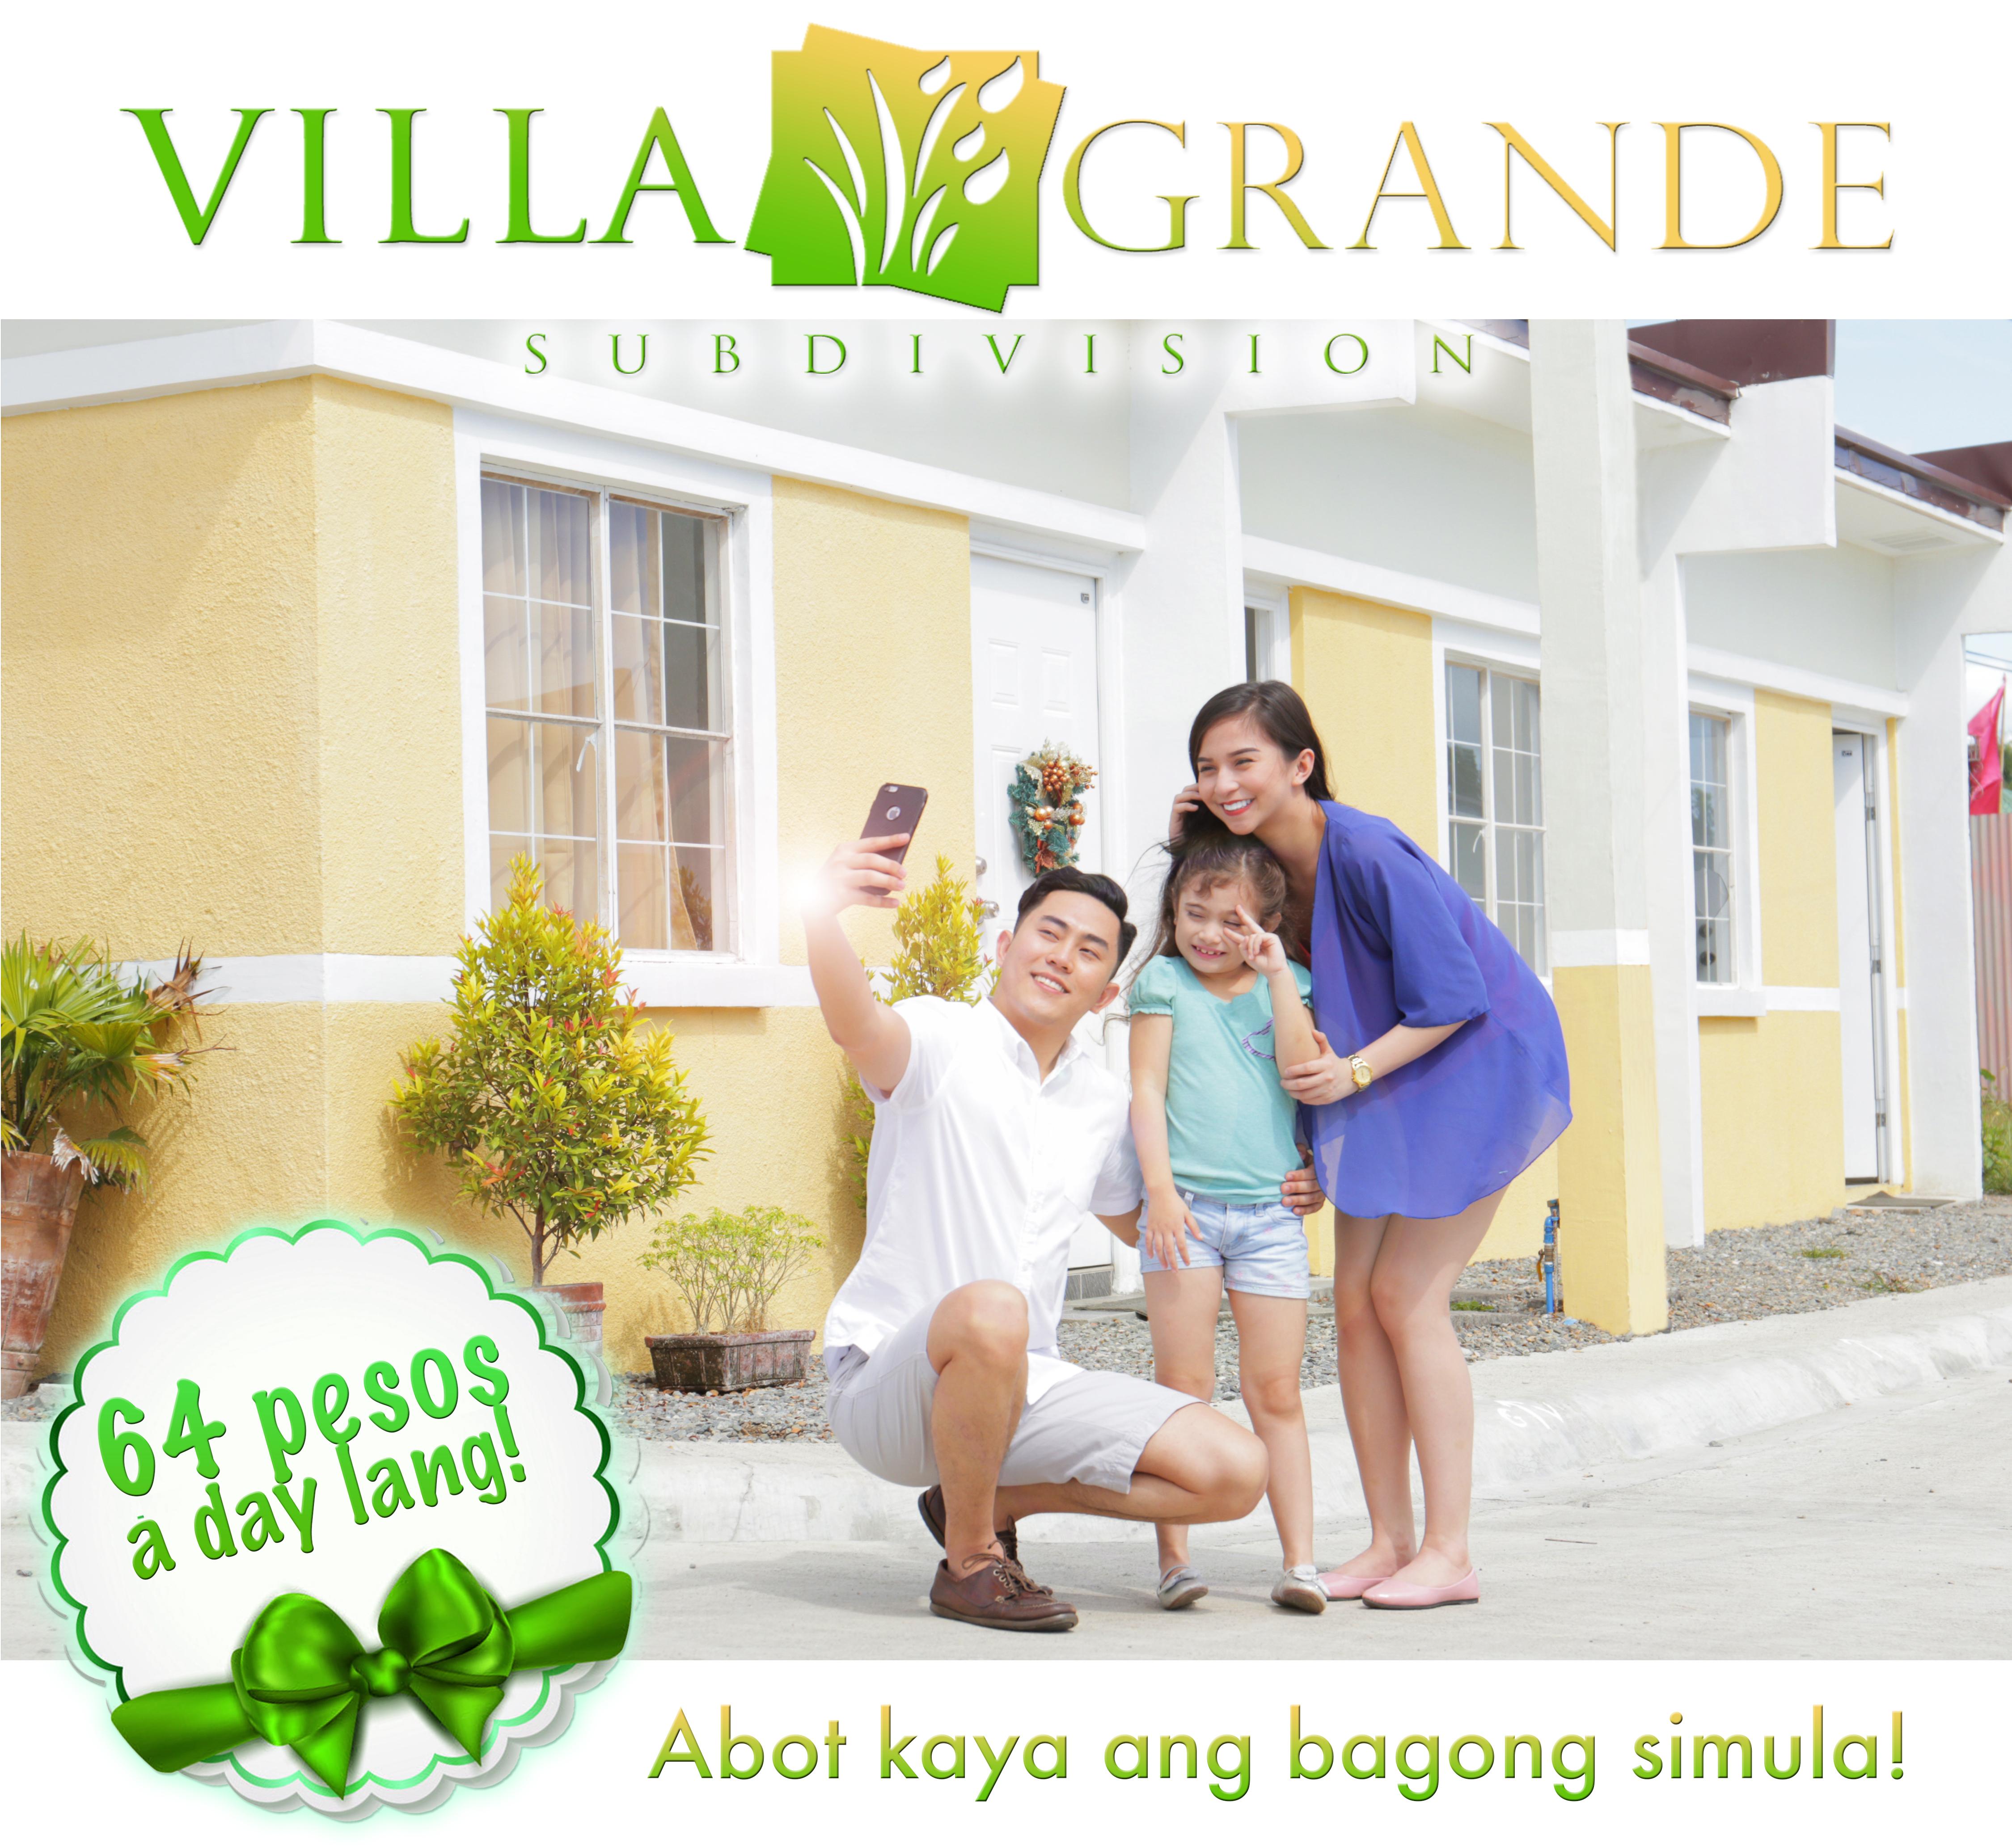 Villa Grande Subdivision